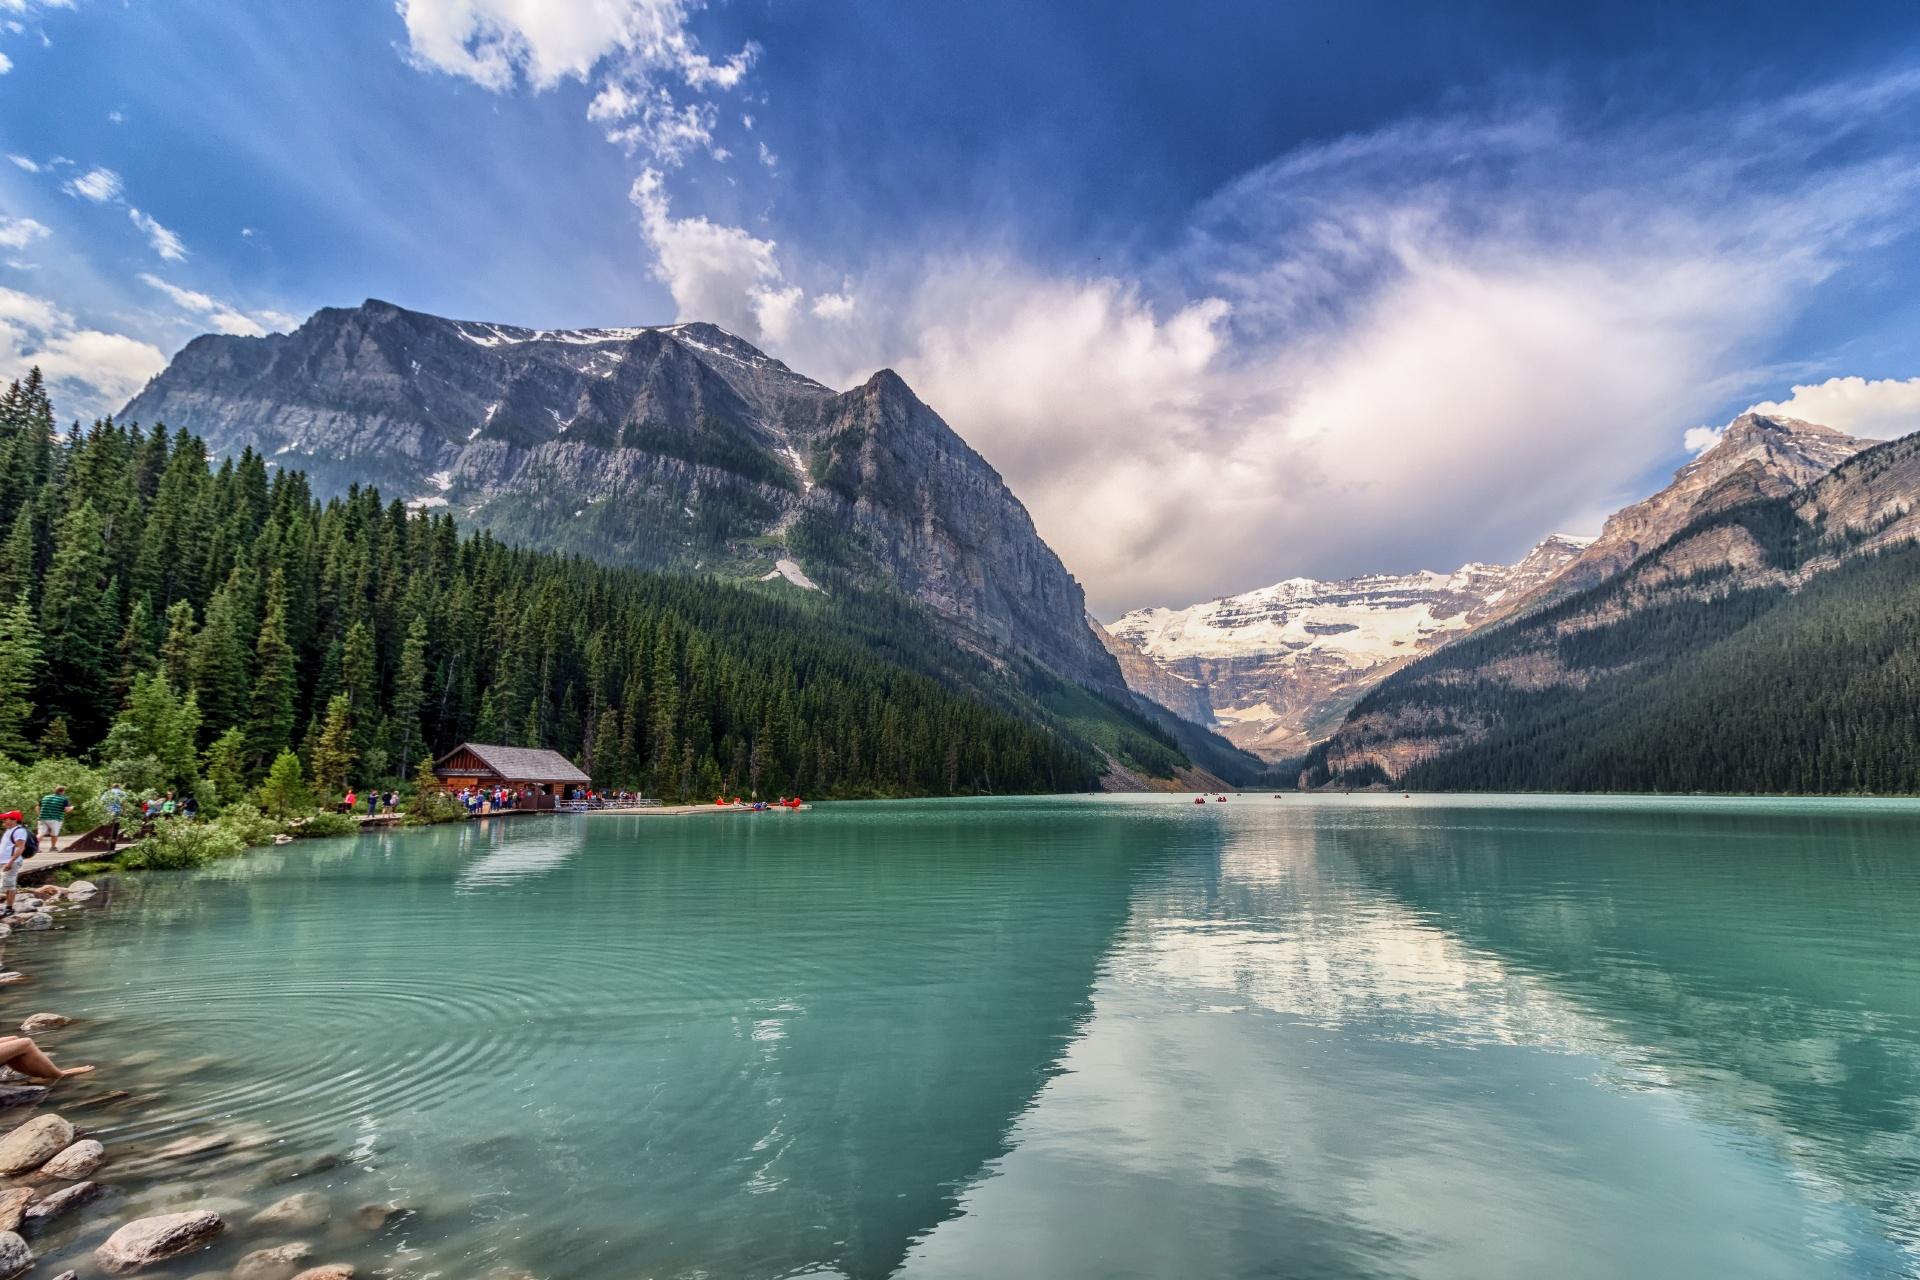 ルイーズ湖 カナダの風景